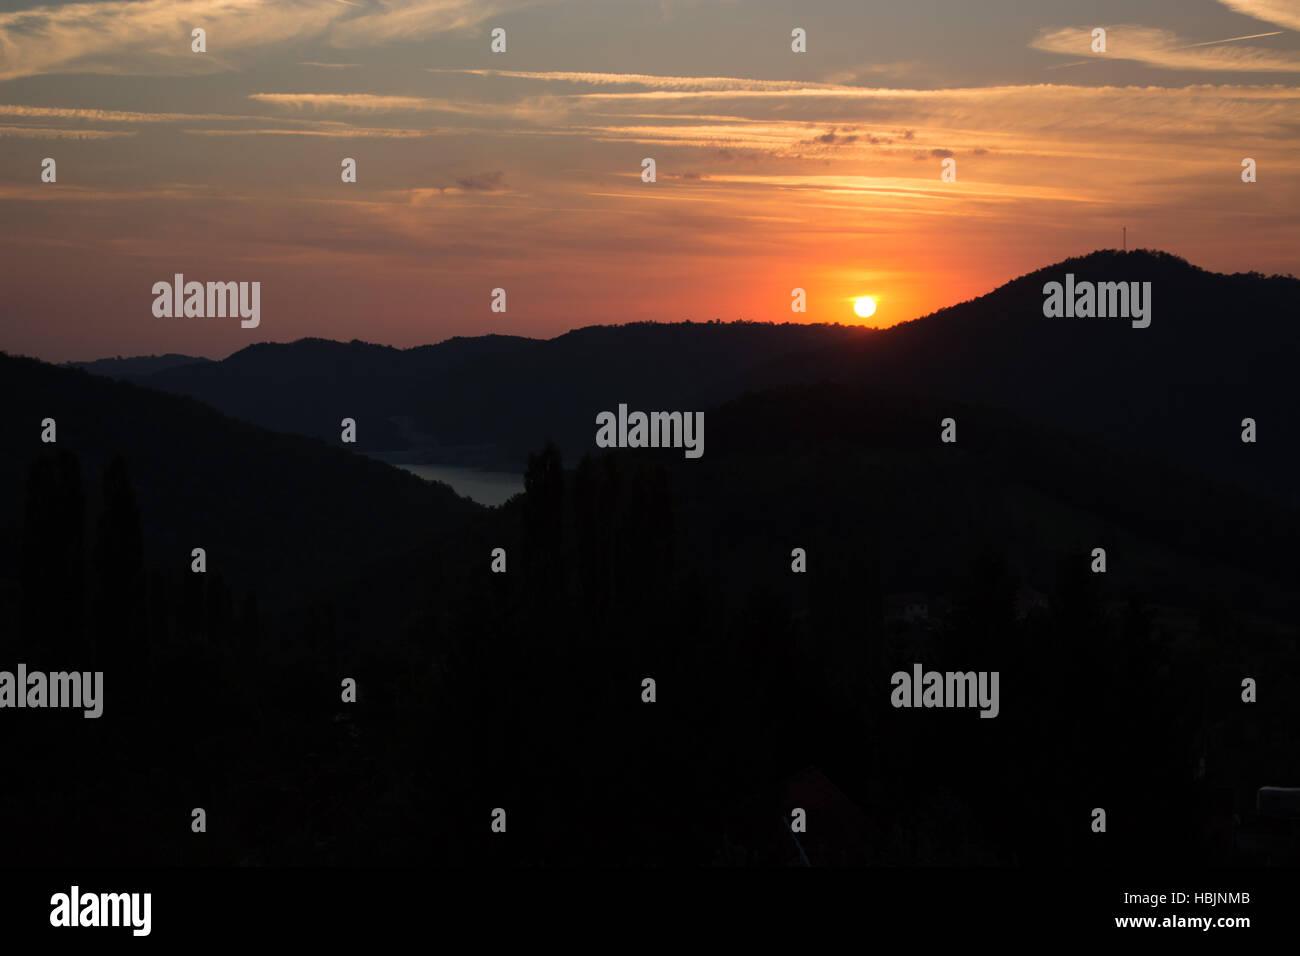 Lever du soleil à contraste élevé Banque D'Images